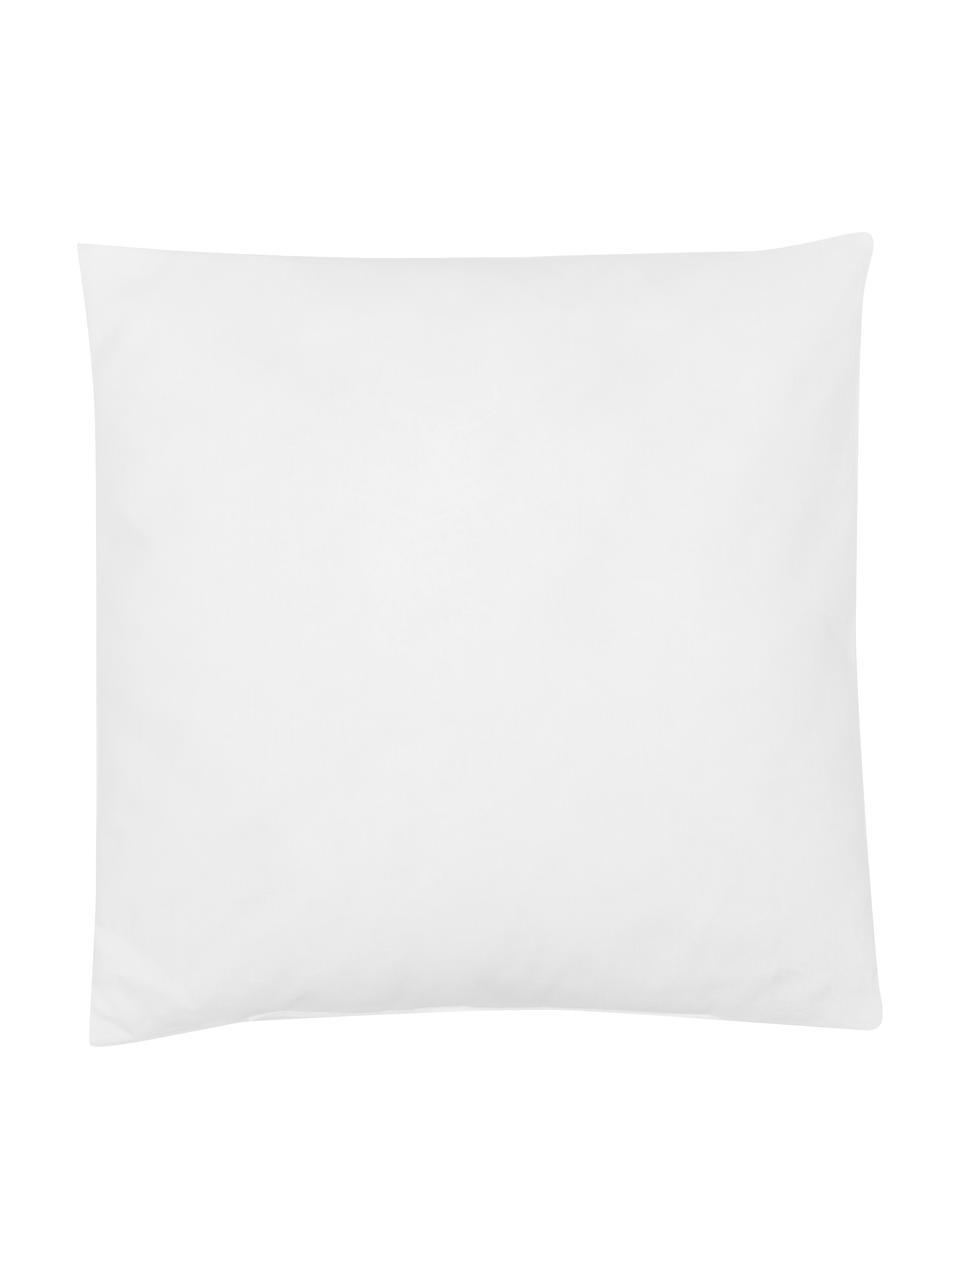 Kissen-Inlett Sia, 40x40, Microfaser-Füllung, Hülle: 100% Baumwolle, Weiß, 40 x 40 cm